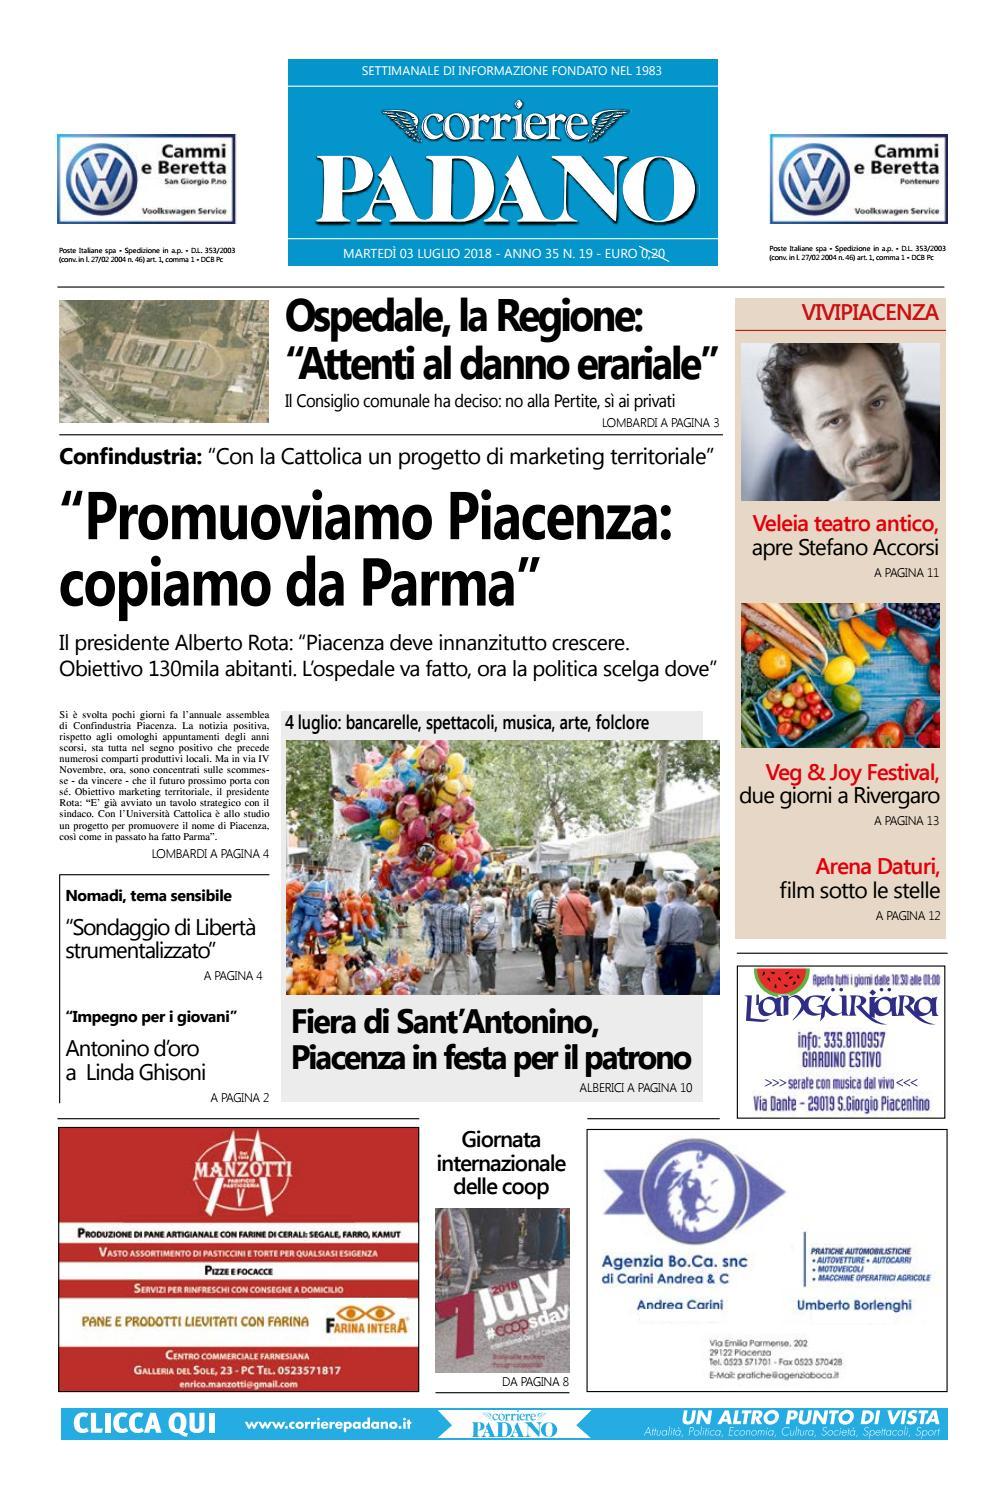 Corriere Padano 19 Del 03 07 2018 By Corriere Padano Issuu